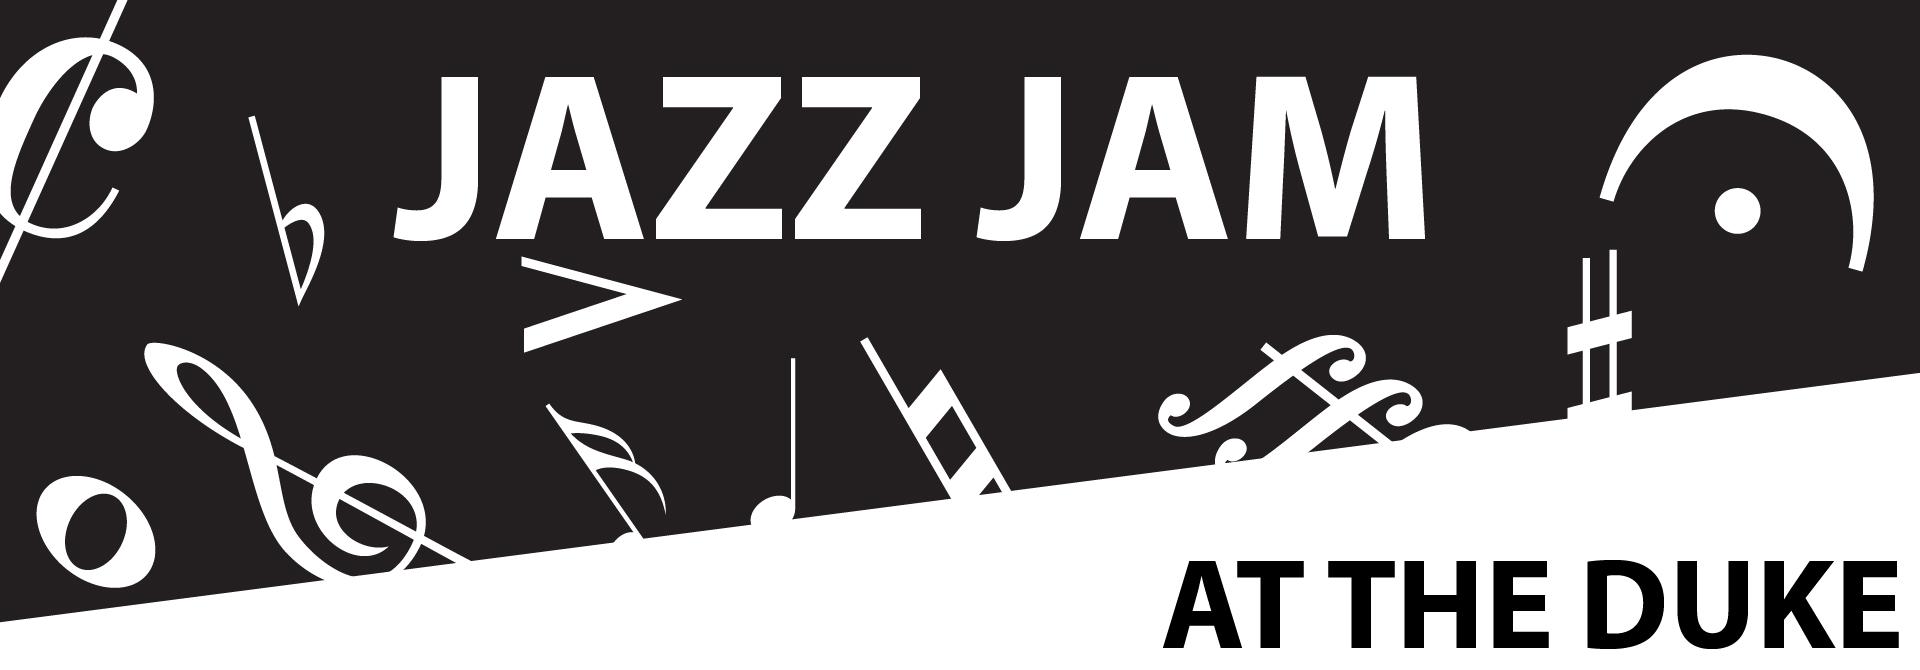 blog_jazz jam.jpg